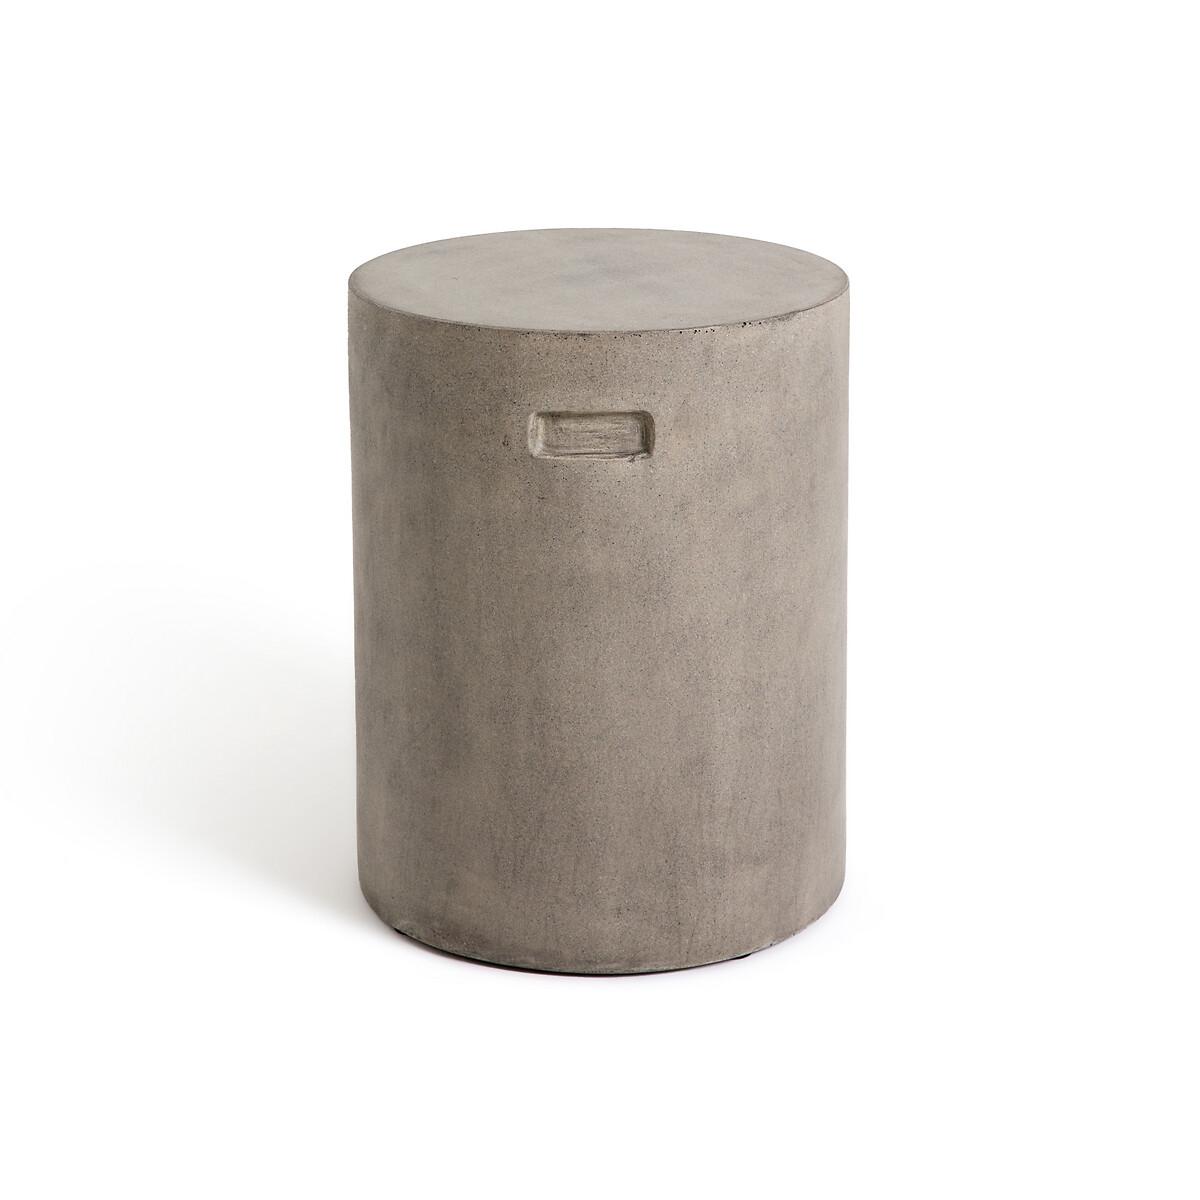 Столик LaRedoute Диванный круглый для открытого воздуха Raskin единый размер серый